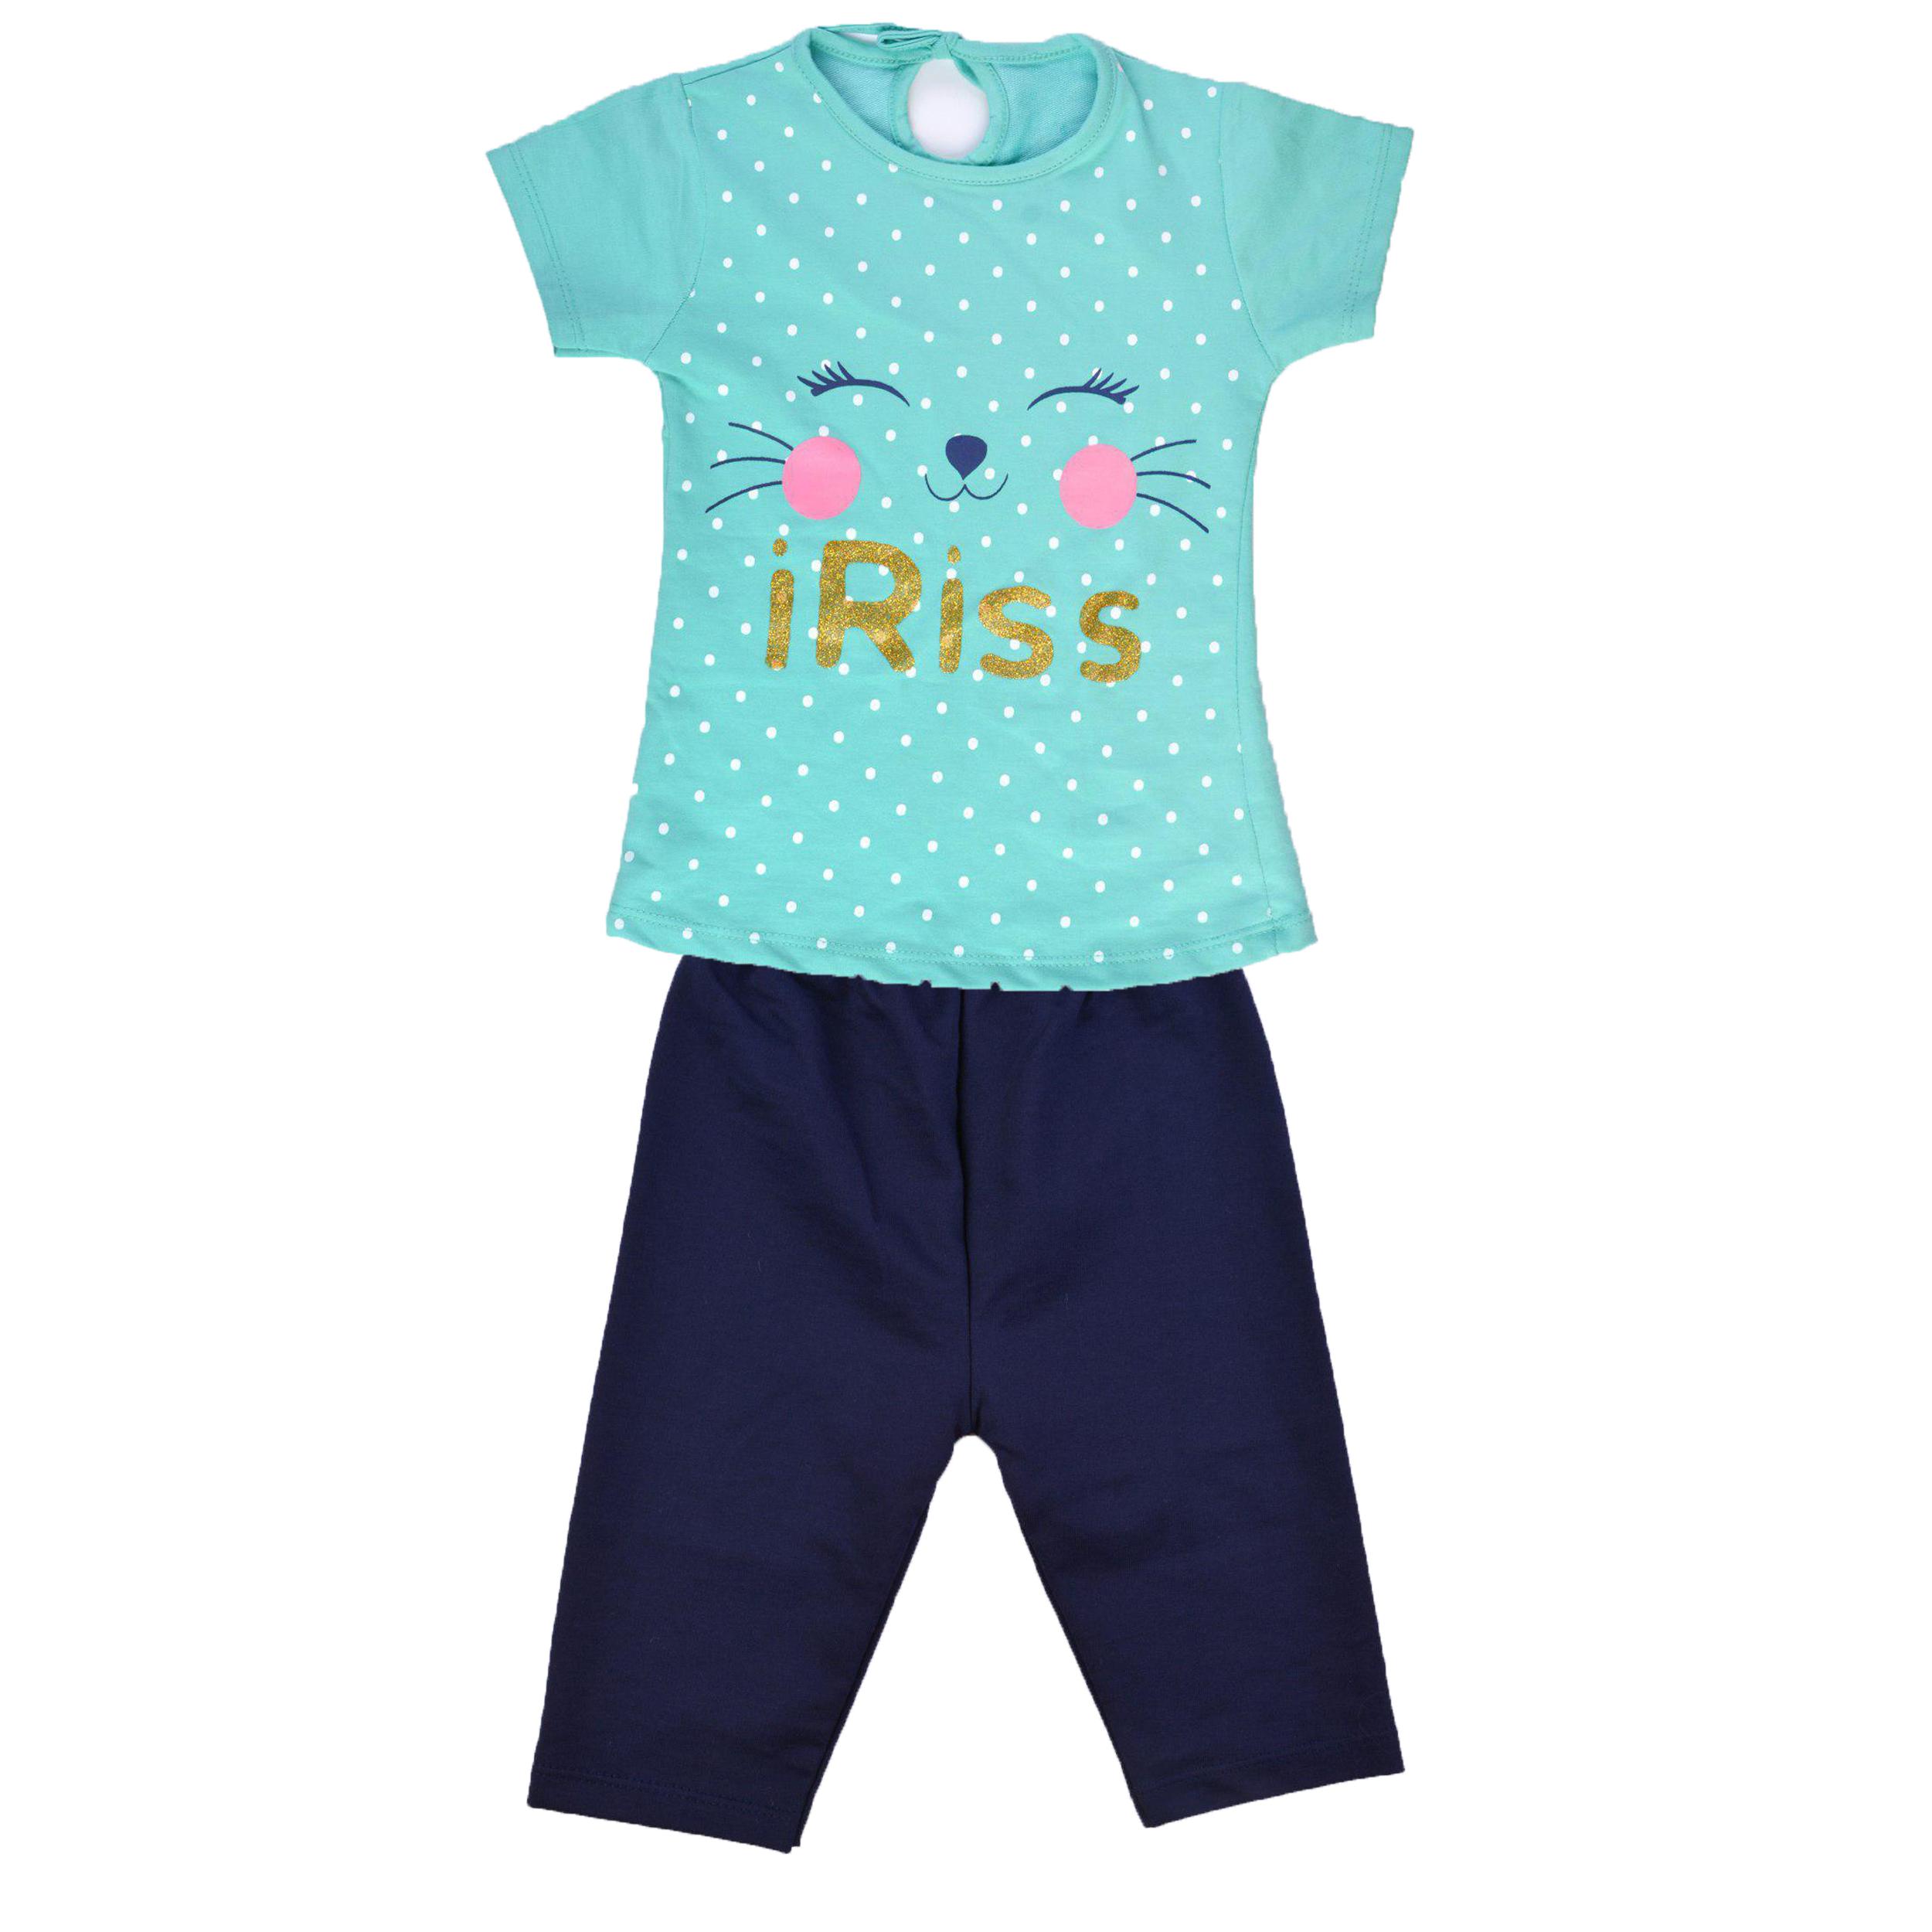 ست تی شرت و شلوار دخترانه مدل ایریس رنگ سبز آبی